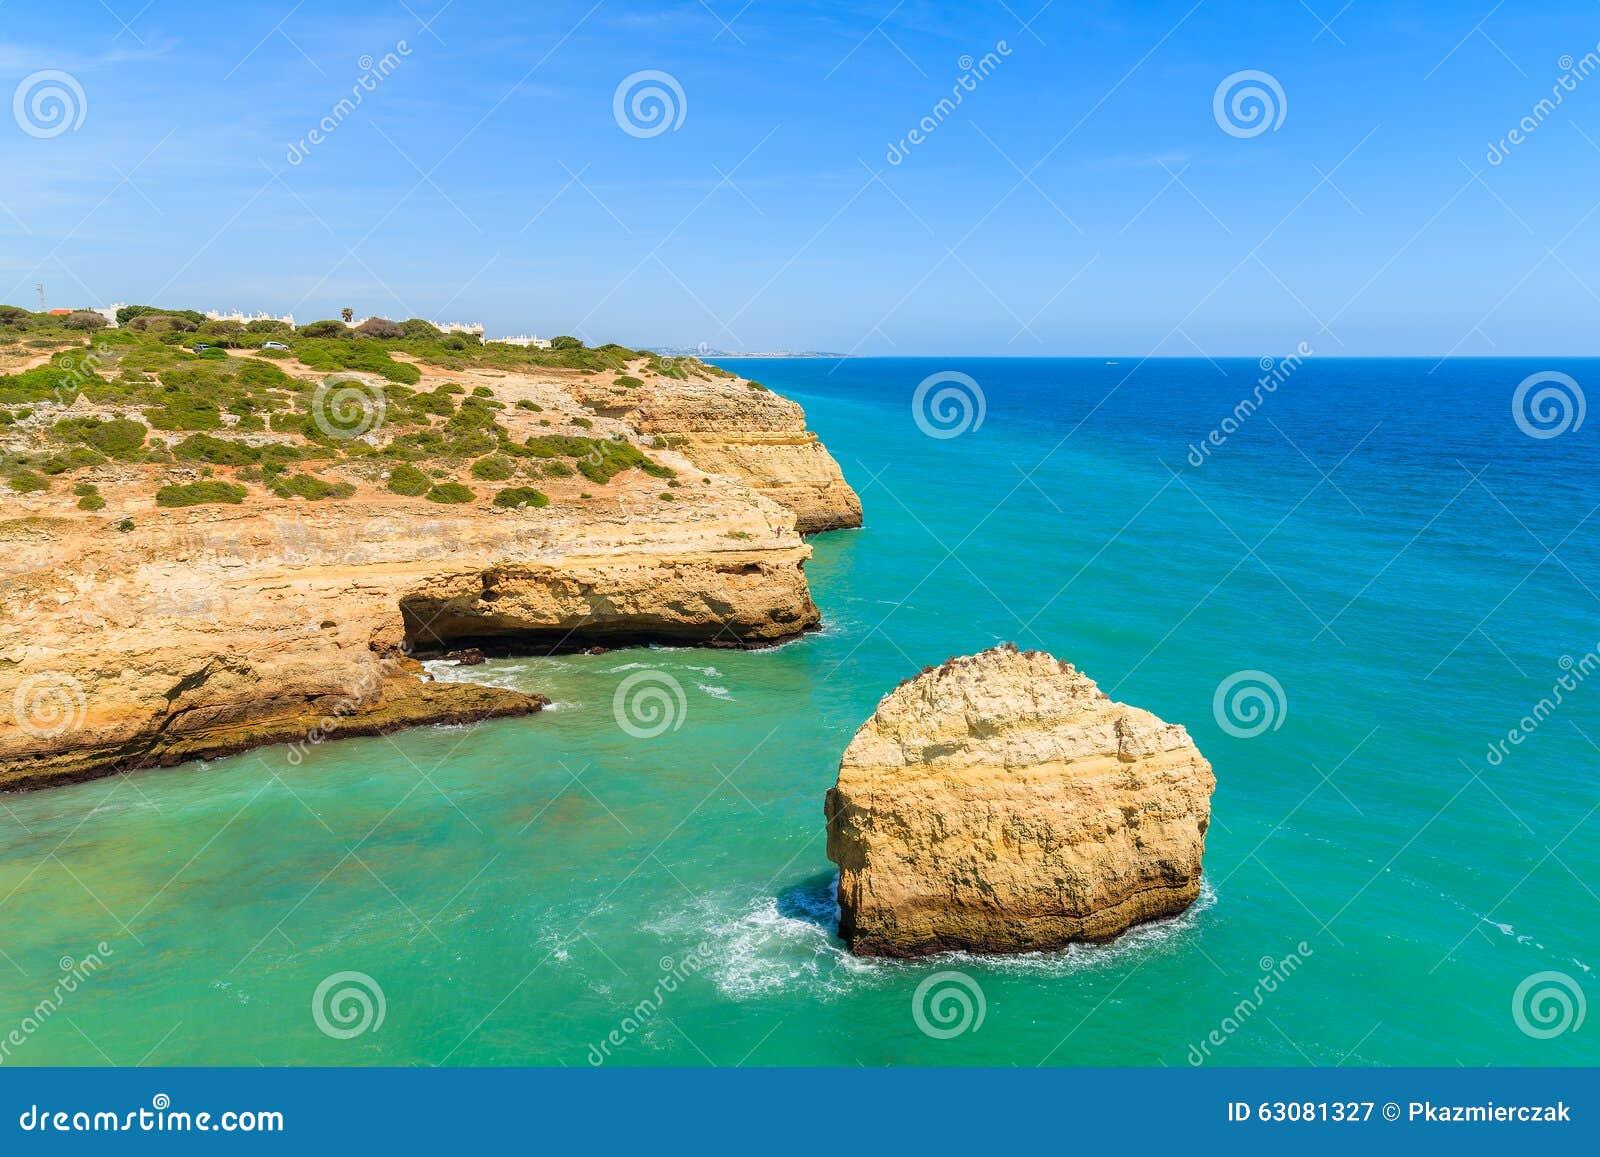 Download Roches De Mer Et De Falaise De Turquoise Image stock - Image du compartiment, europe: 63081327